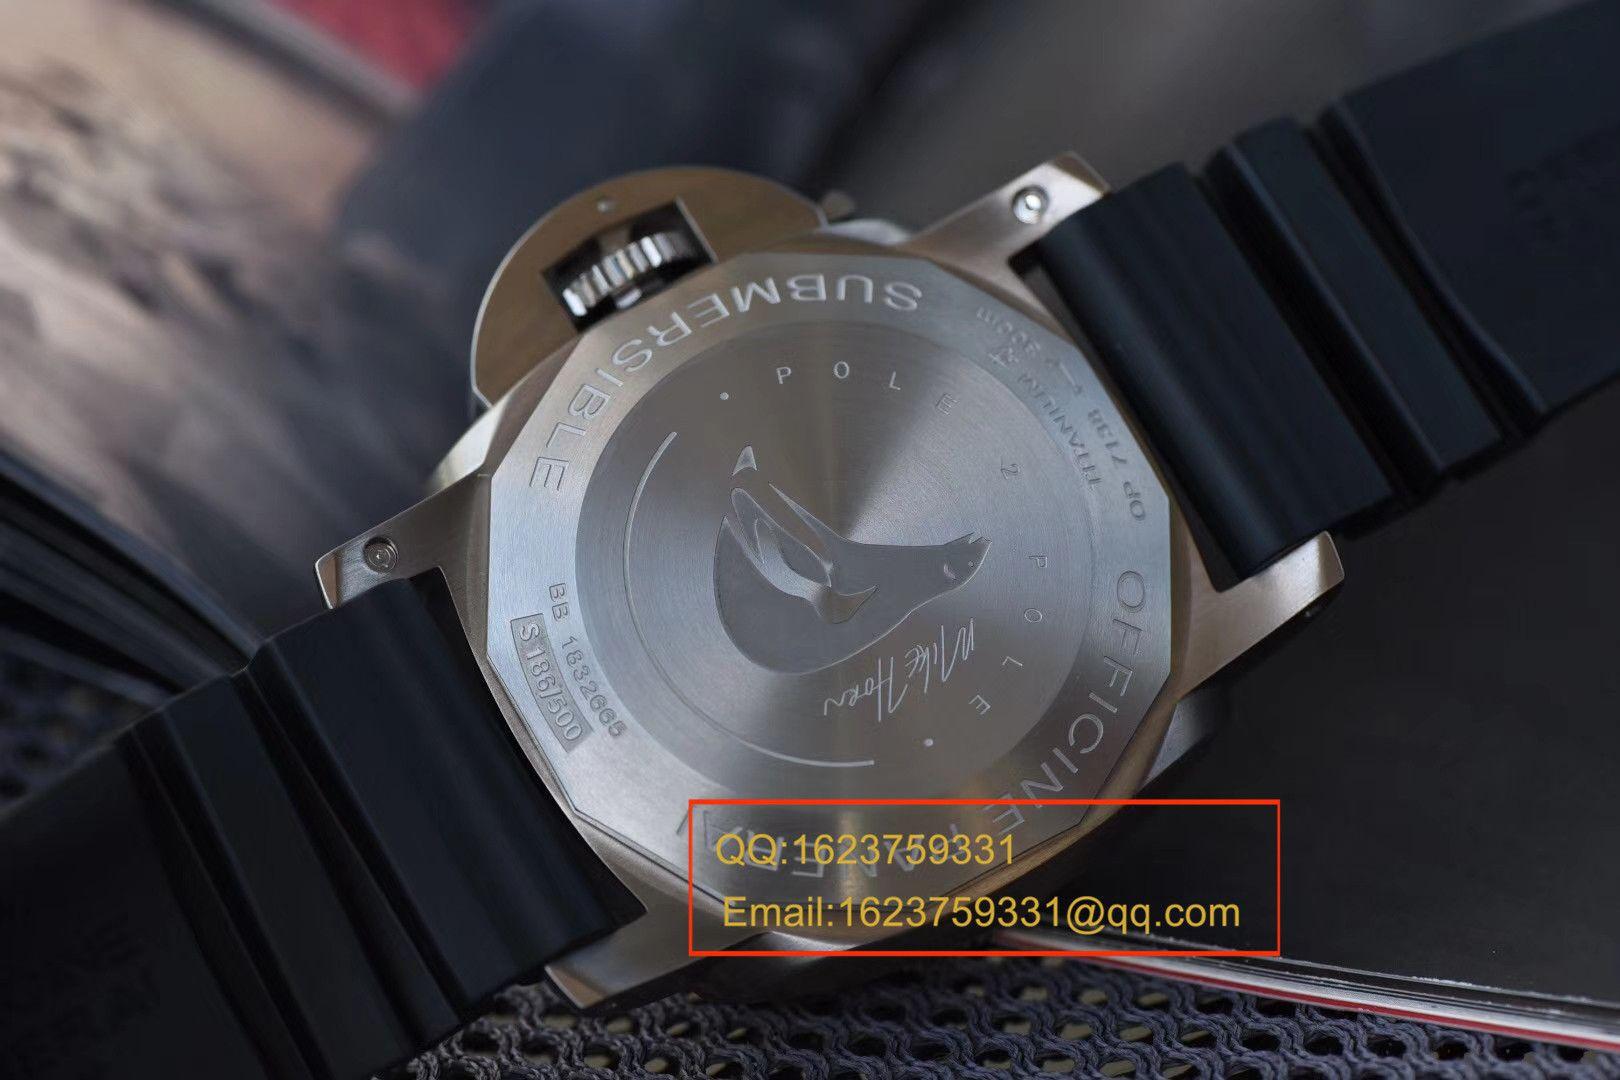 视频评测沛纳海特别版腕表系列PAM00719腕表【VS厂V2最高版本超A高仿手表】